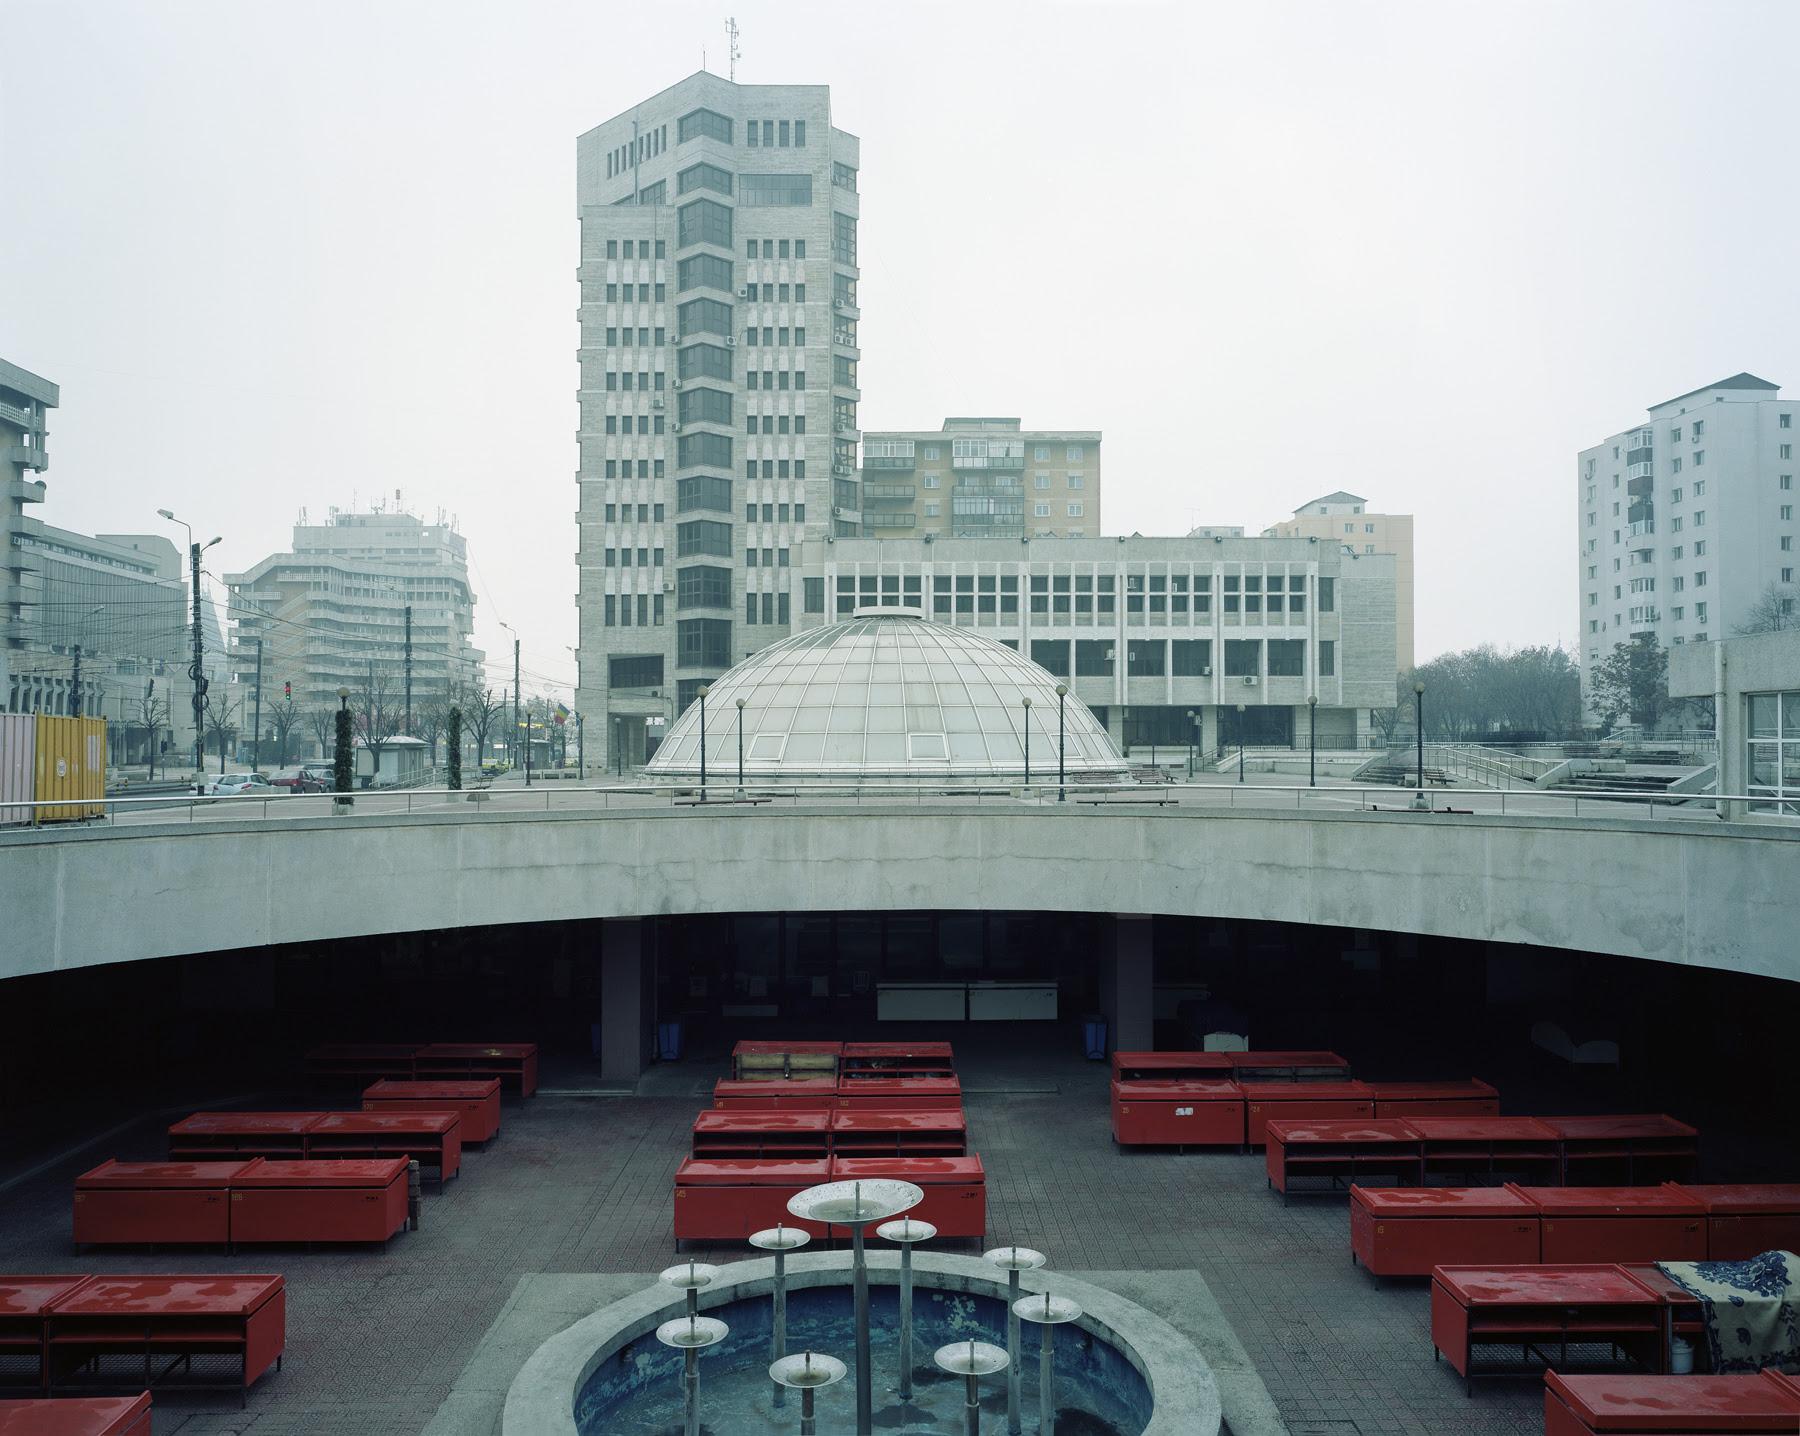 Credit imagine Michele Bressan, Piața Halei Centrale, Iași, 2011